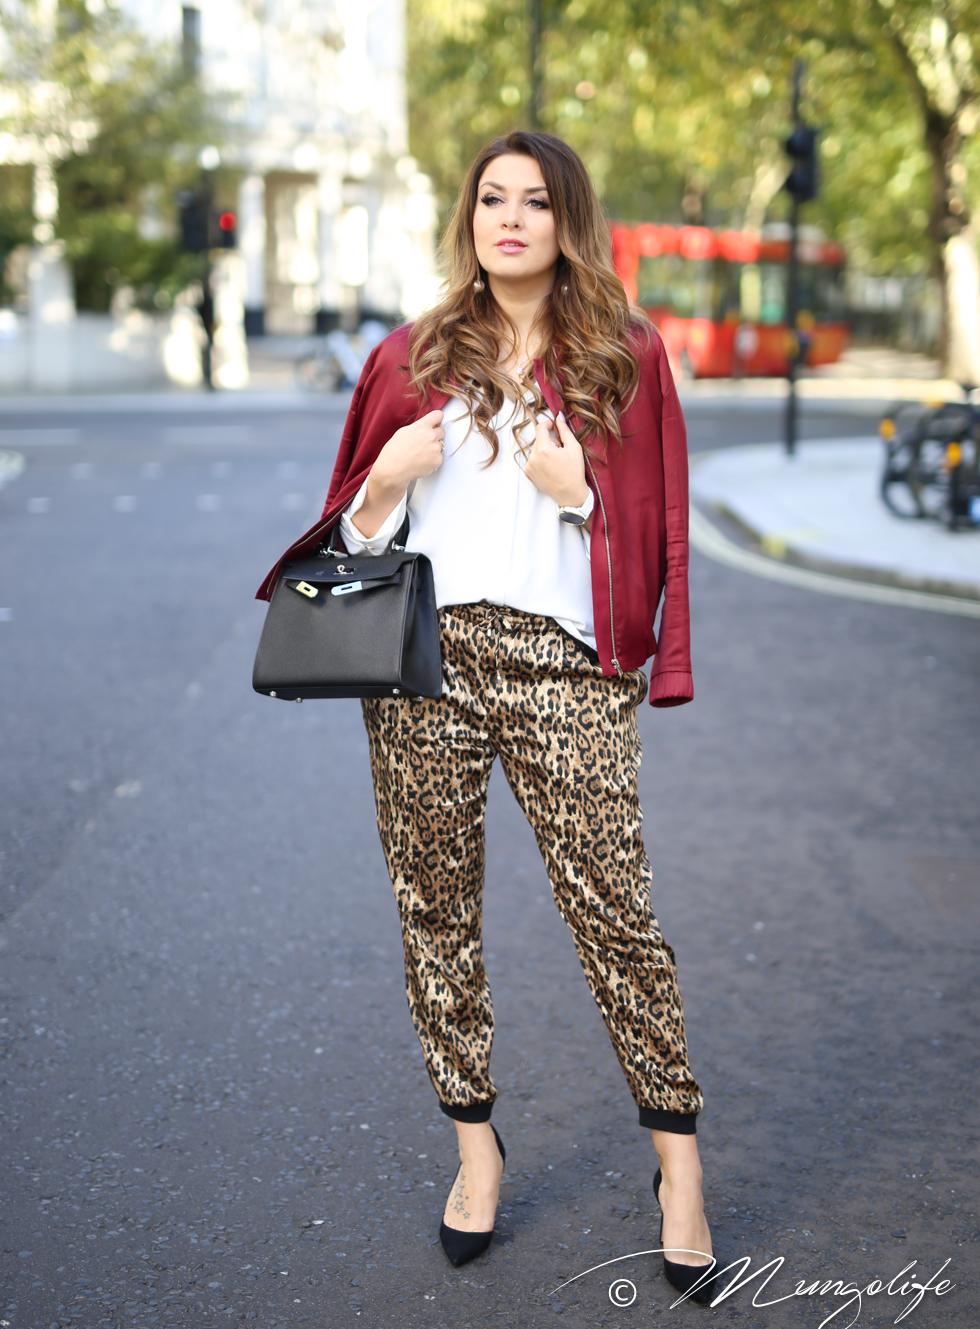 leopard (9 of 14).jpg